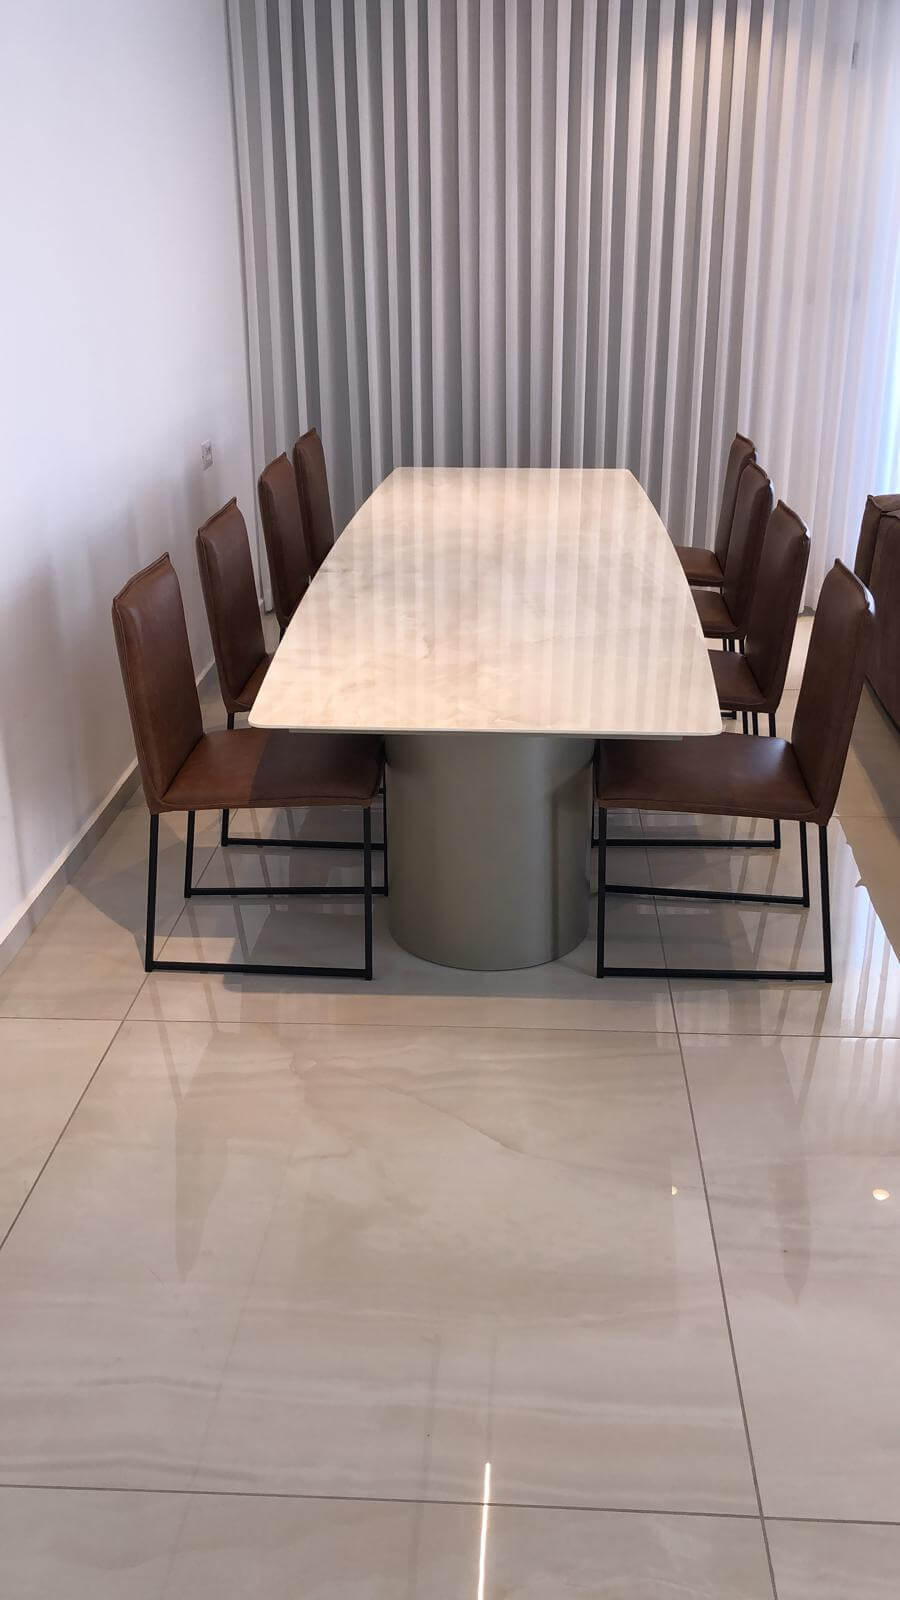 שולחן שיש לבן עשיר גרניט פורצלן